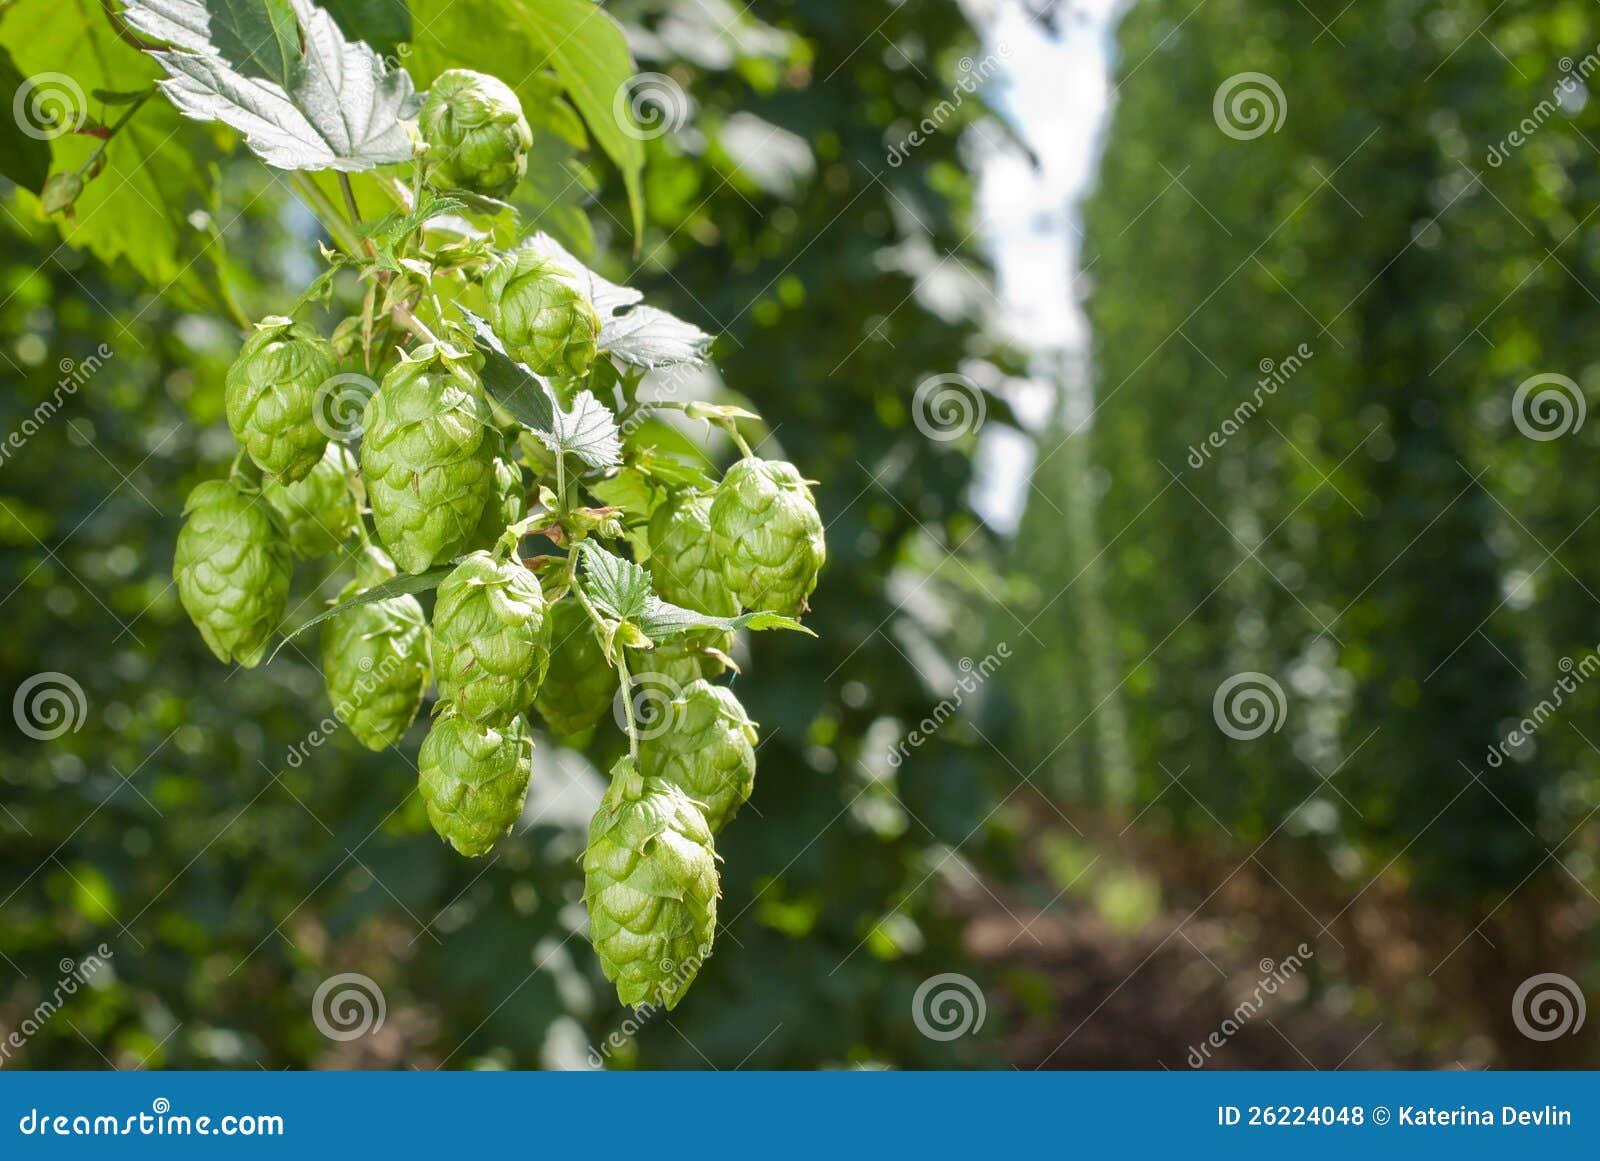 Conos de salto - materia prima para la producción de la cerveza